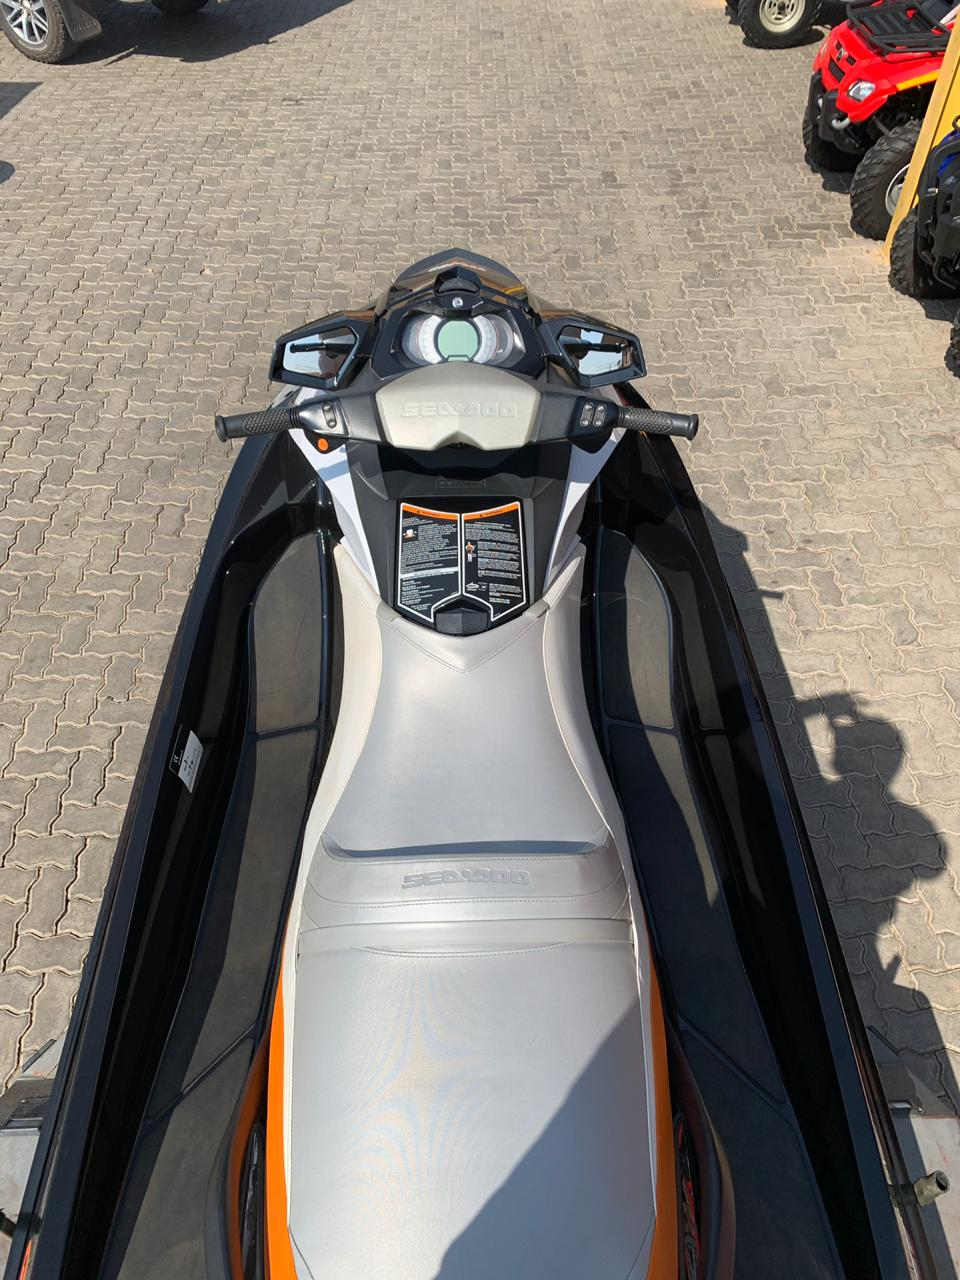 2012 Seadoo GTI 125 (LOW MAINTANANCE)